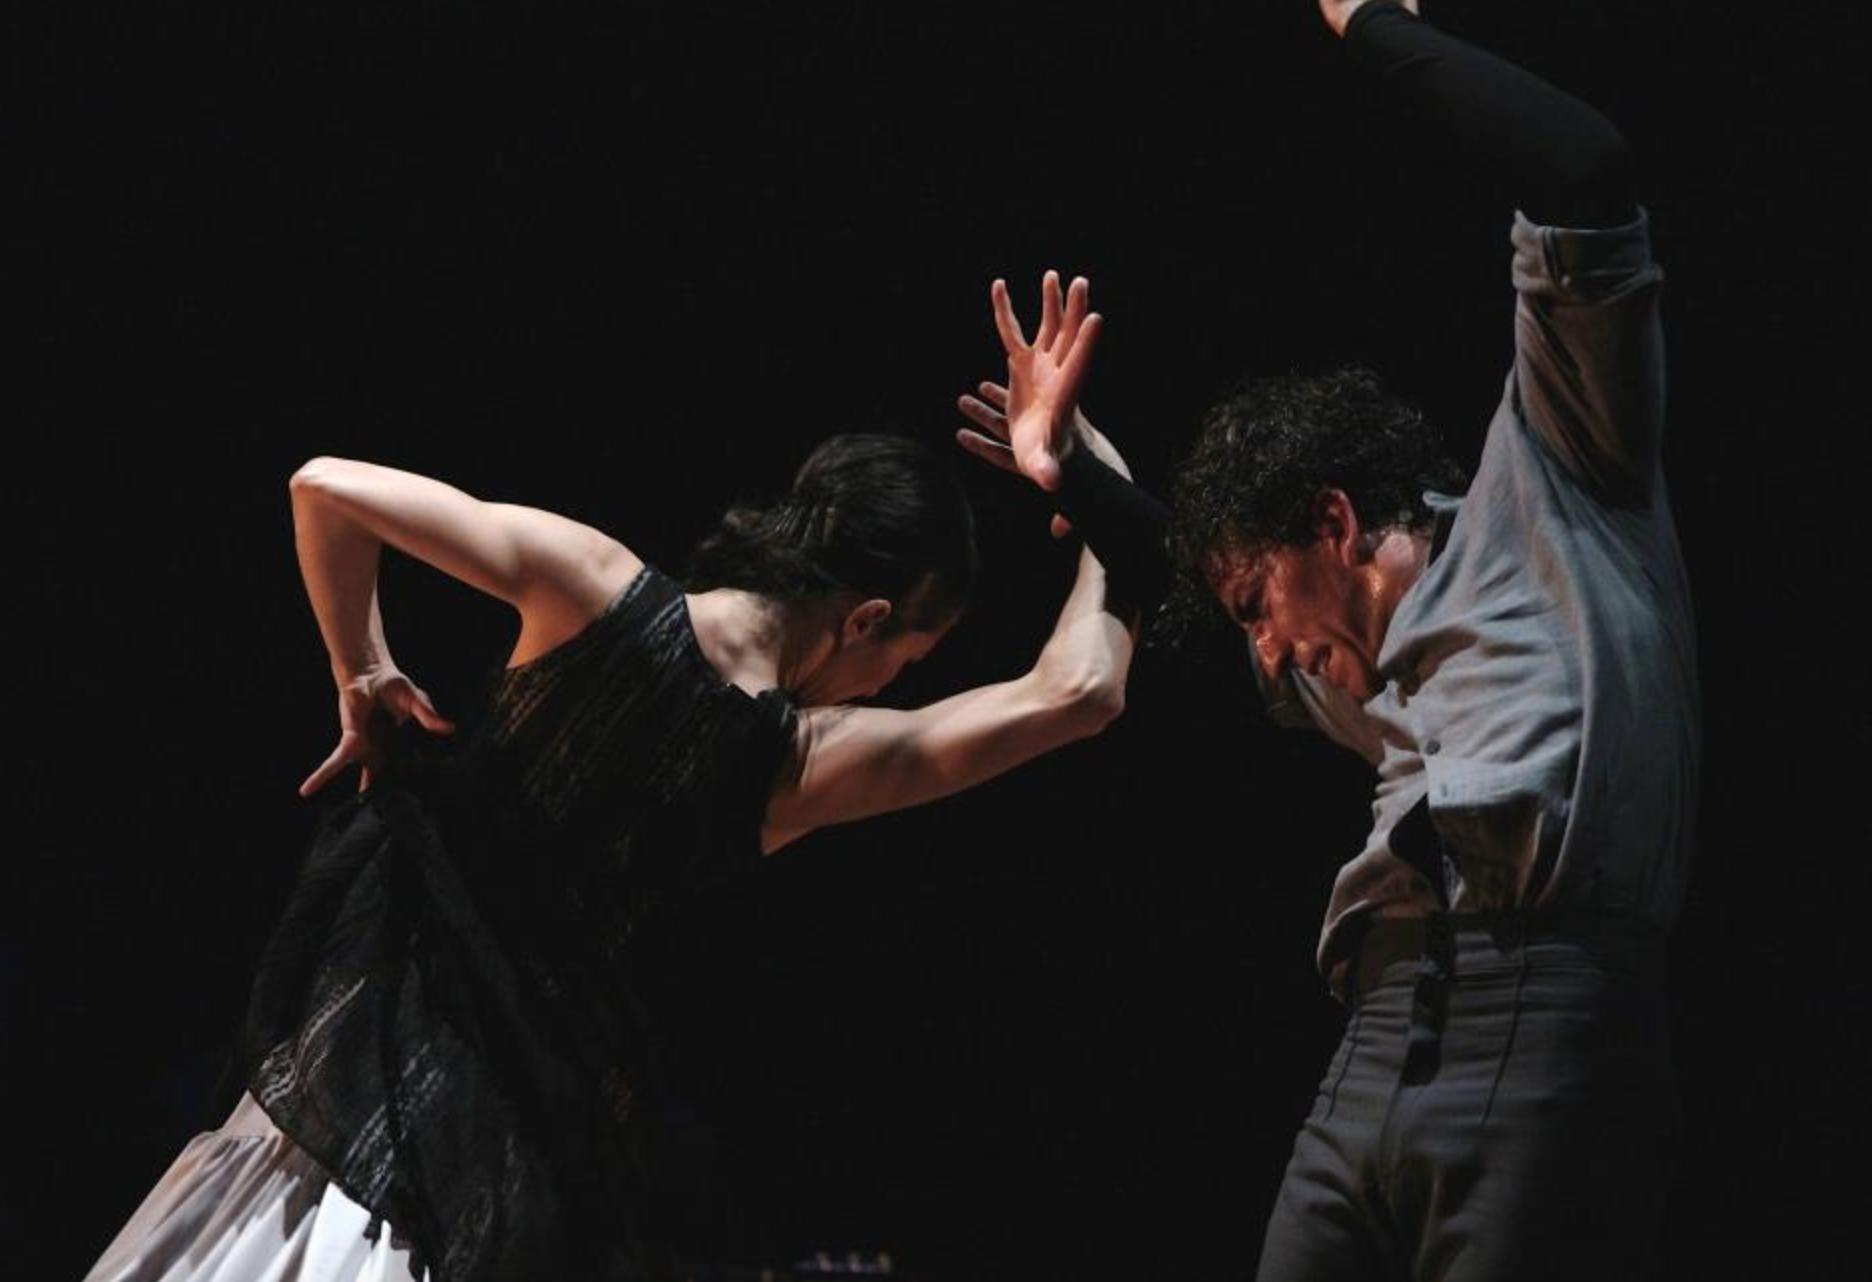 Největší hvězdy Flamenca přijedou do Česka! Kdy a kde je můžete vidět?